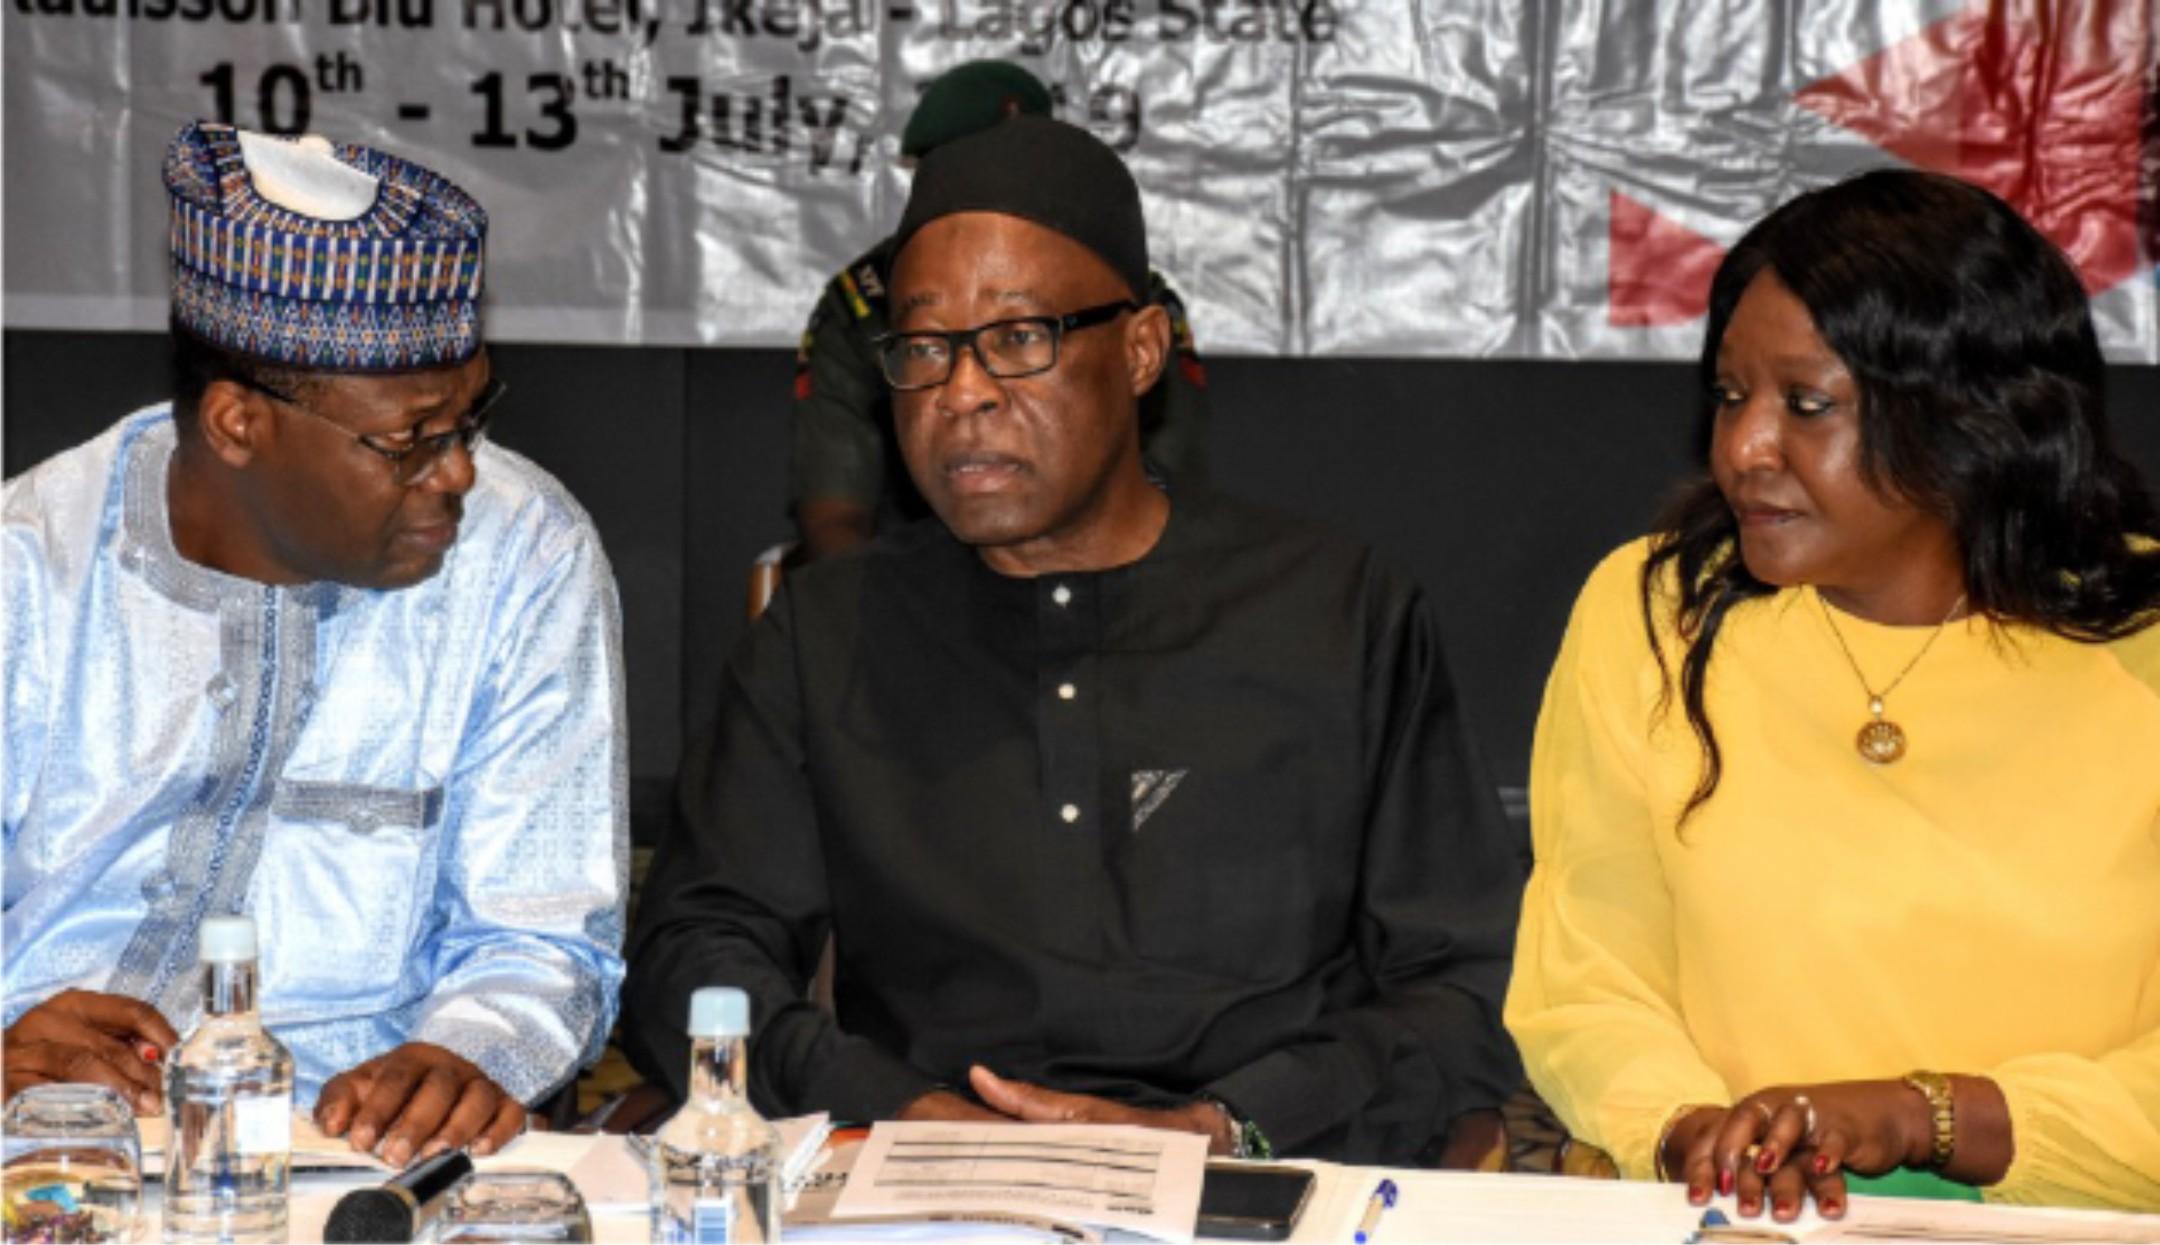 Assets Declaration: PDP LaudsMakinde For Fulfilling Electoral Promise